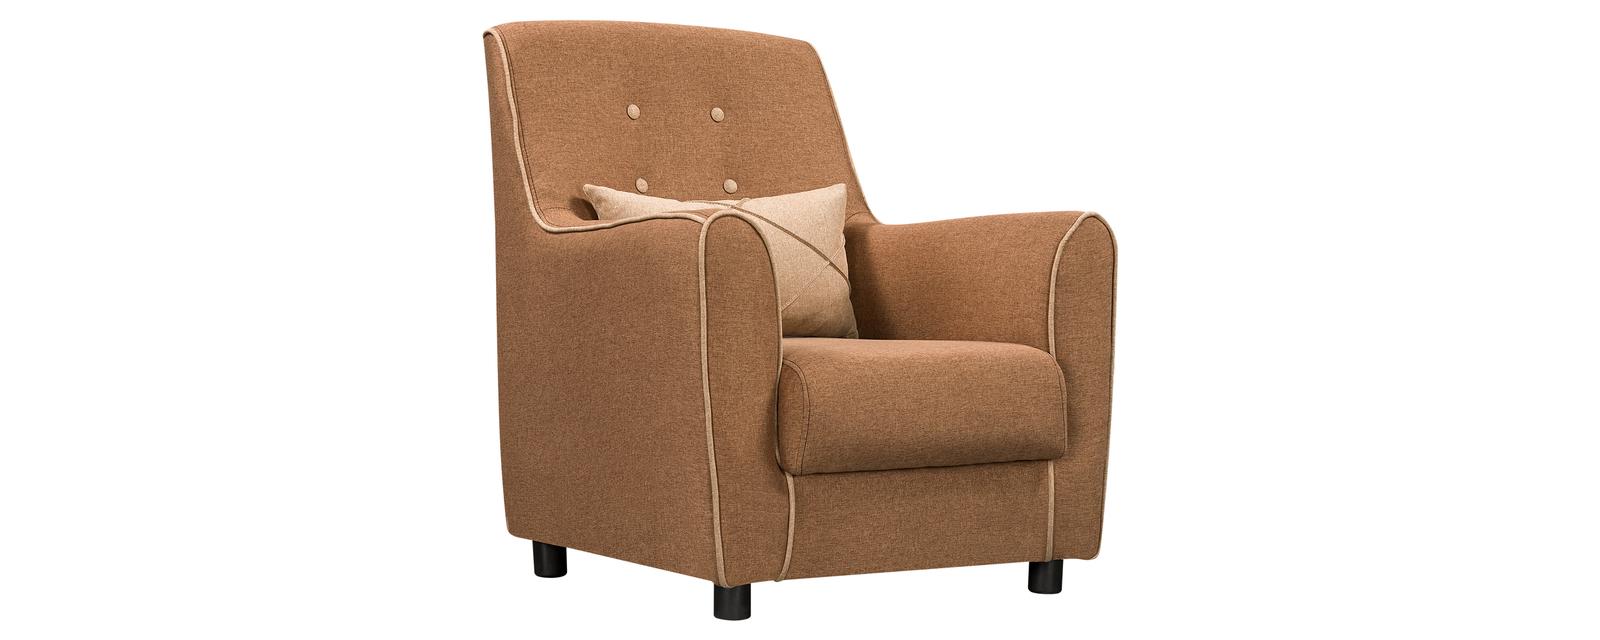 Кресло тканевое Френсис Kiton песочный/бежевый (Ткань)